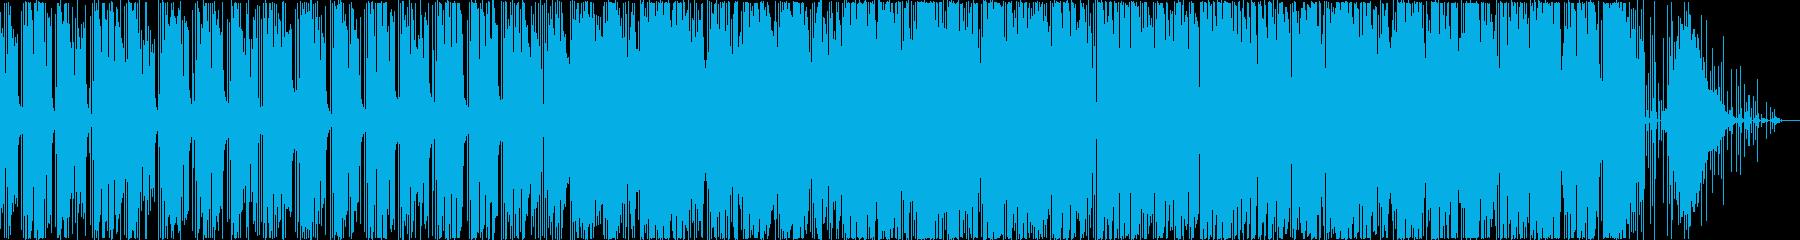 軽快でお洒落なスムースジャズの再生済みの波形